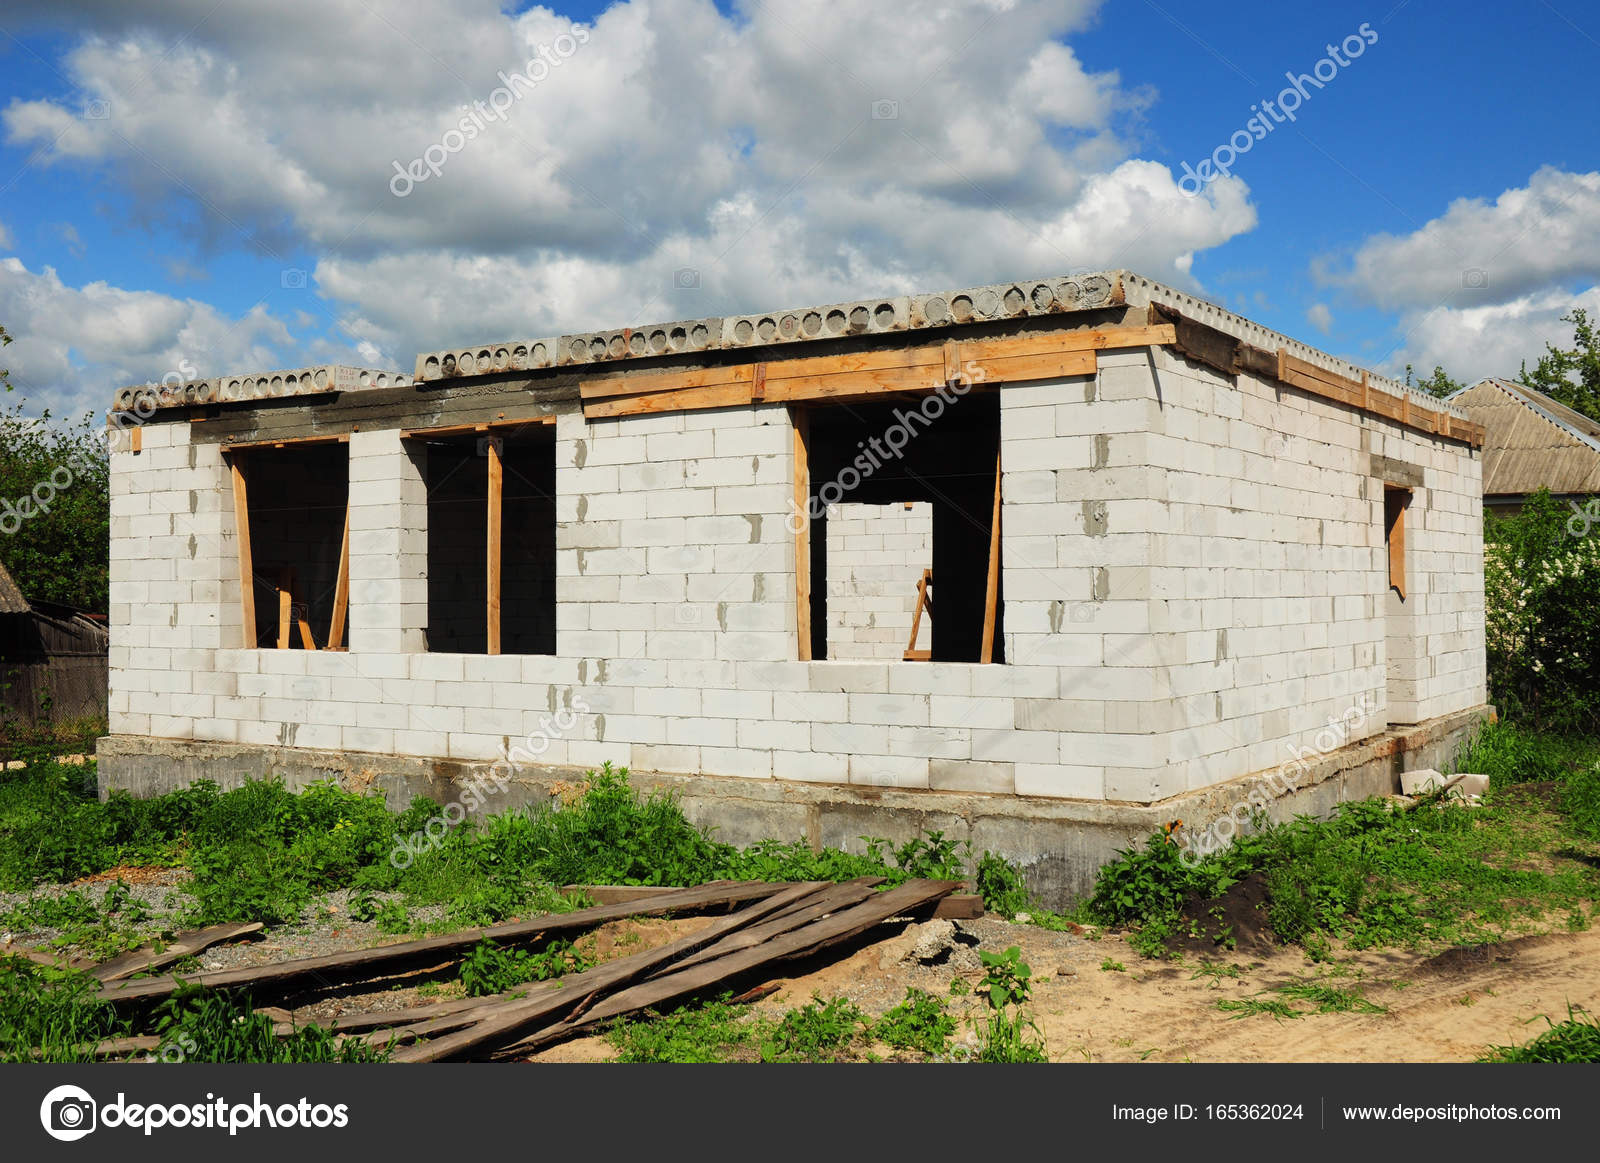 Casa costruzione da blocchi di gasbeton autoclavato foto for Semplici piani di casa in blocchi di cemento